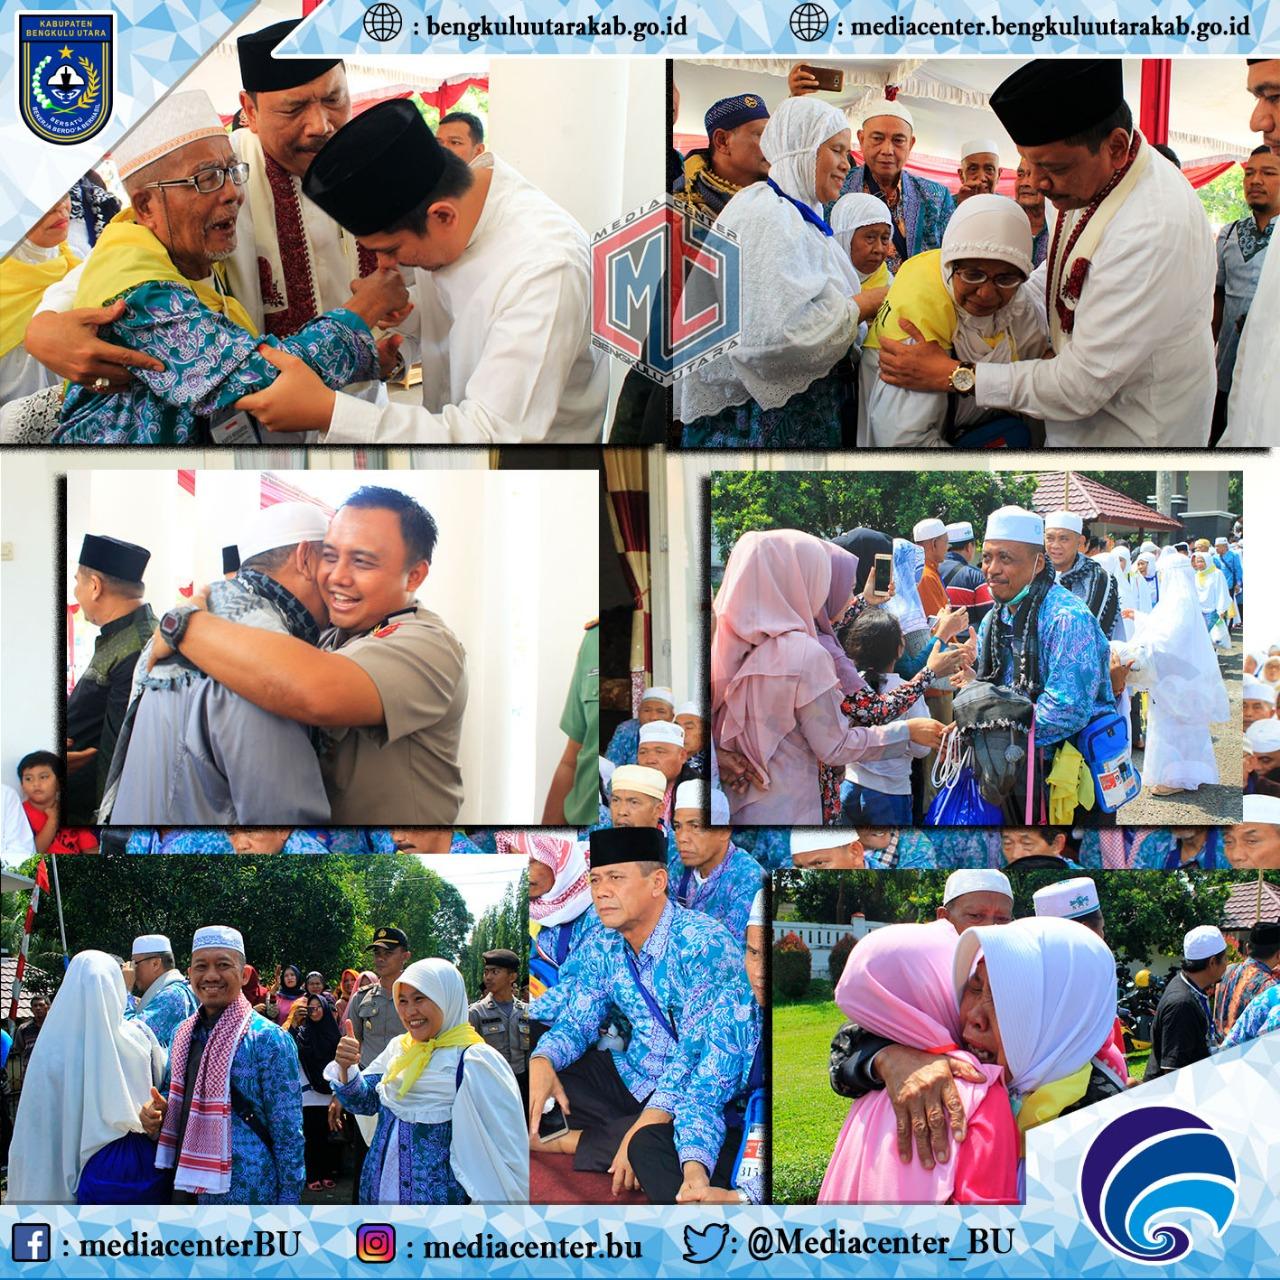 Jemaah Haji Bengkulu Utara Tiba di Arga Makmur